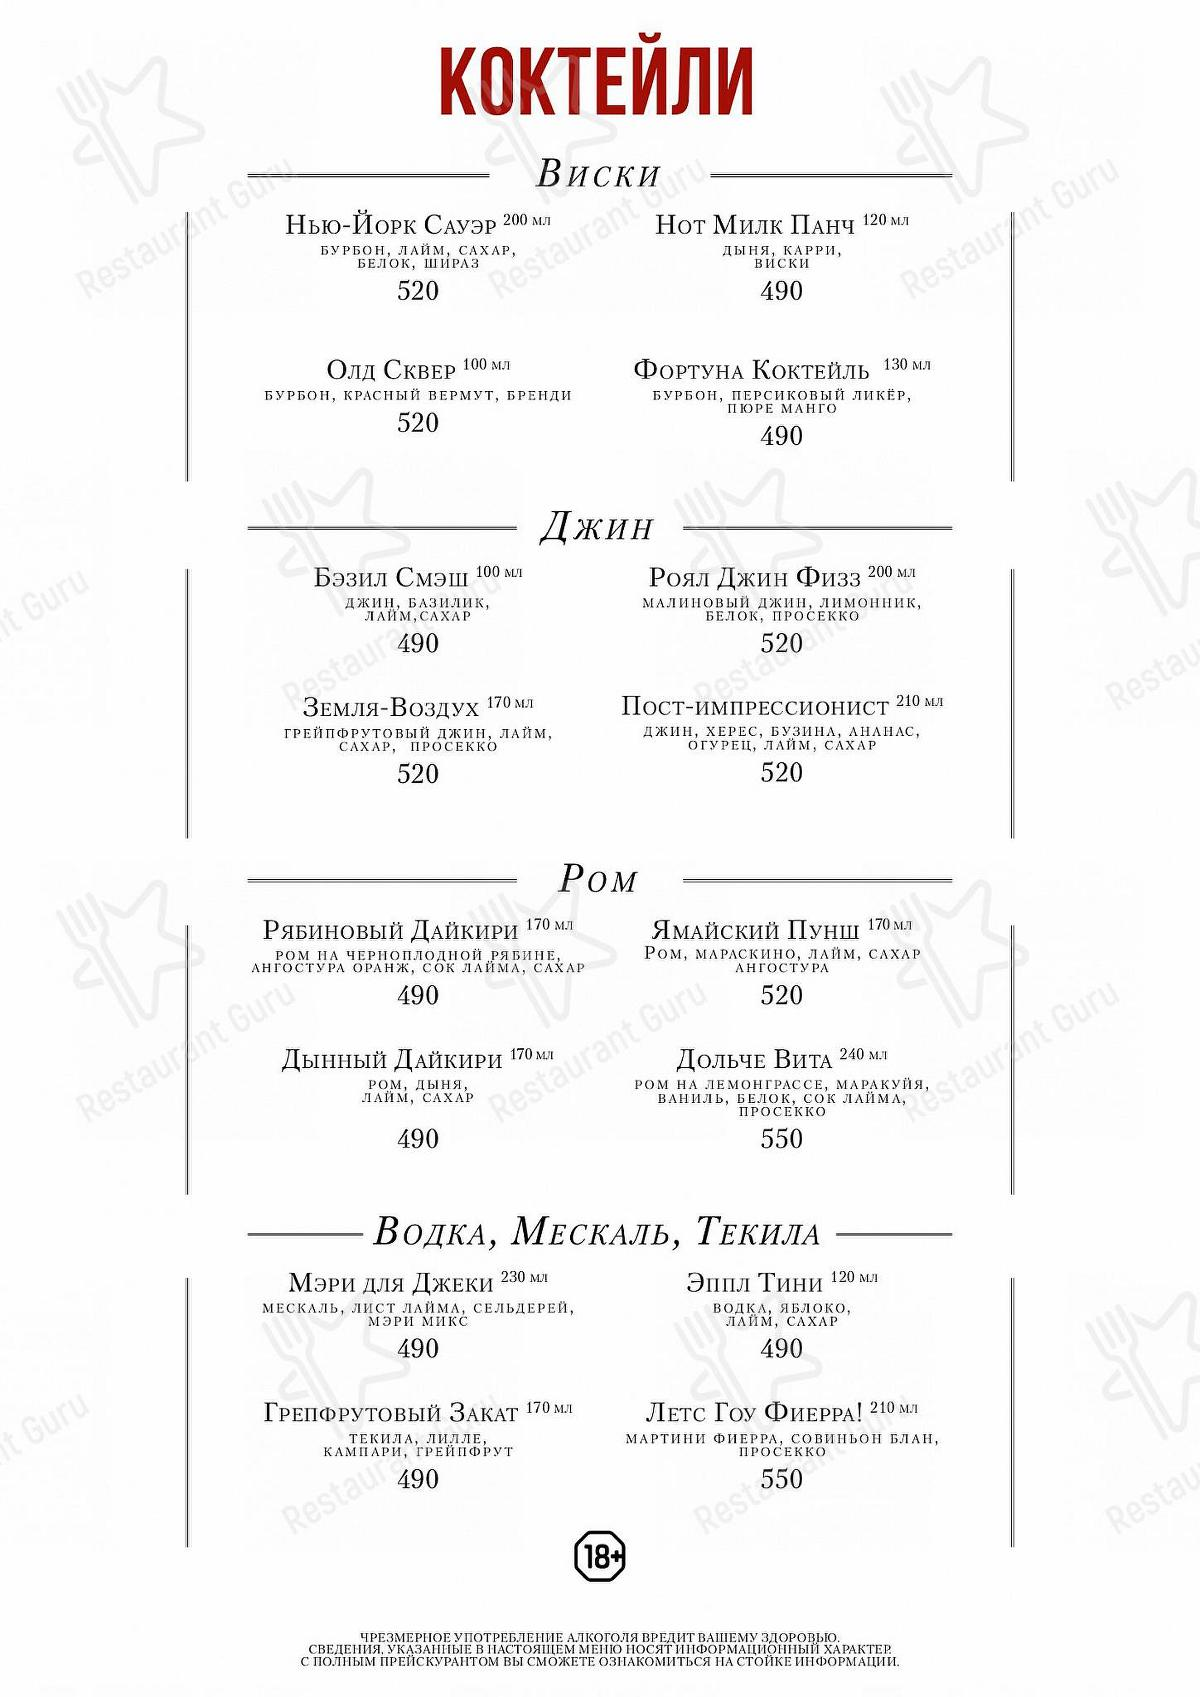 Jacky Jacky - Bar menu